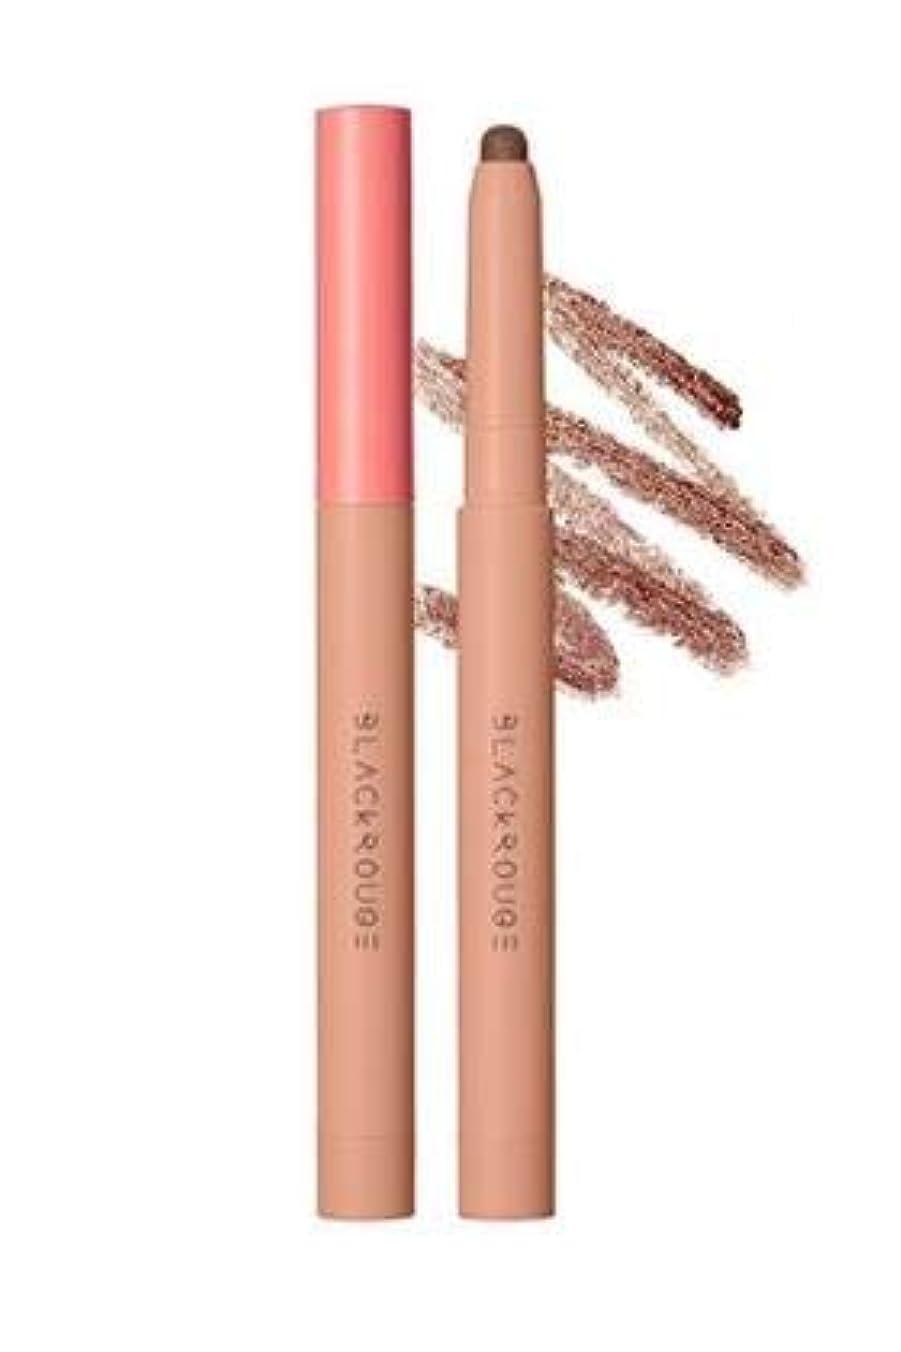 近代化する取り替える排泄するBlack Rouge Power Proof Stick Shadow (SS04 Chocolate Mousse) ブラックルージュ パワープルーフ スティックシャドウ [並行輸入品]